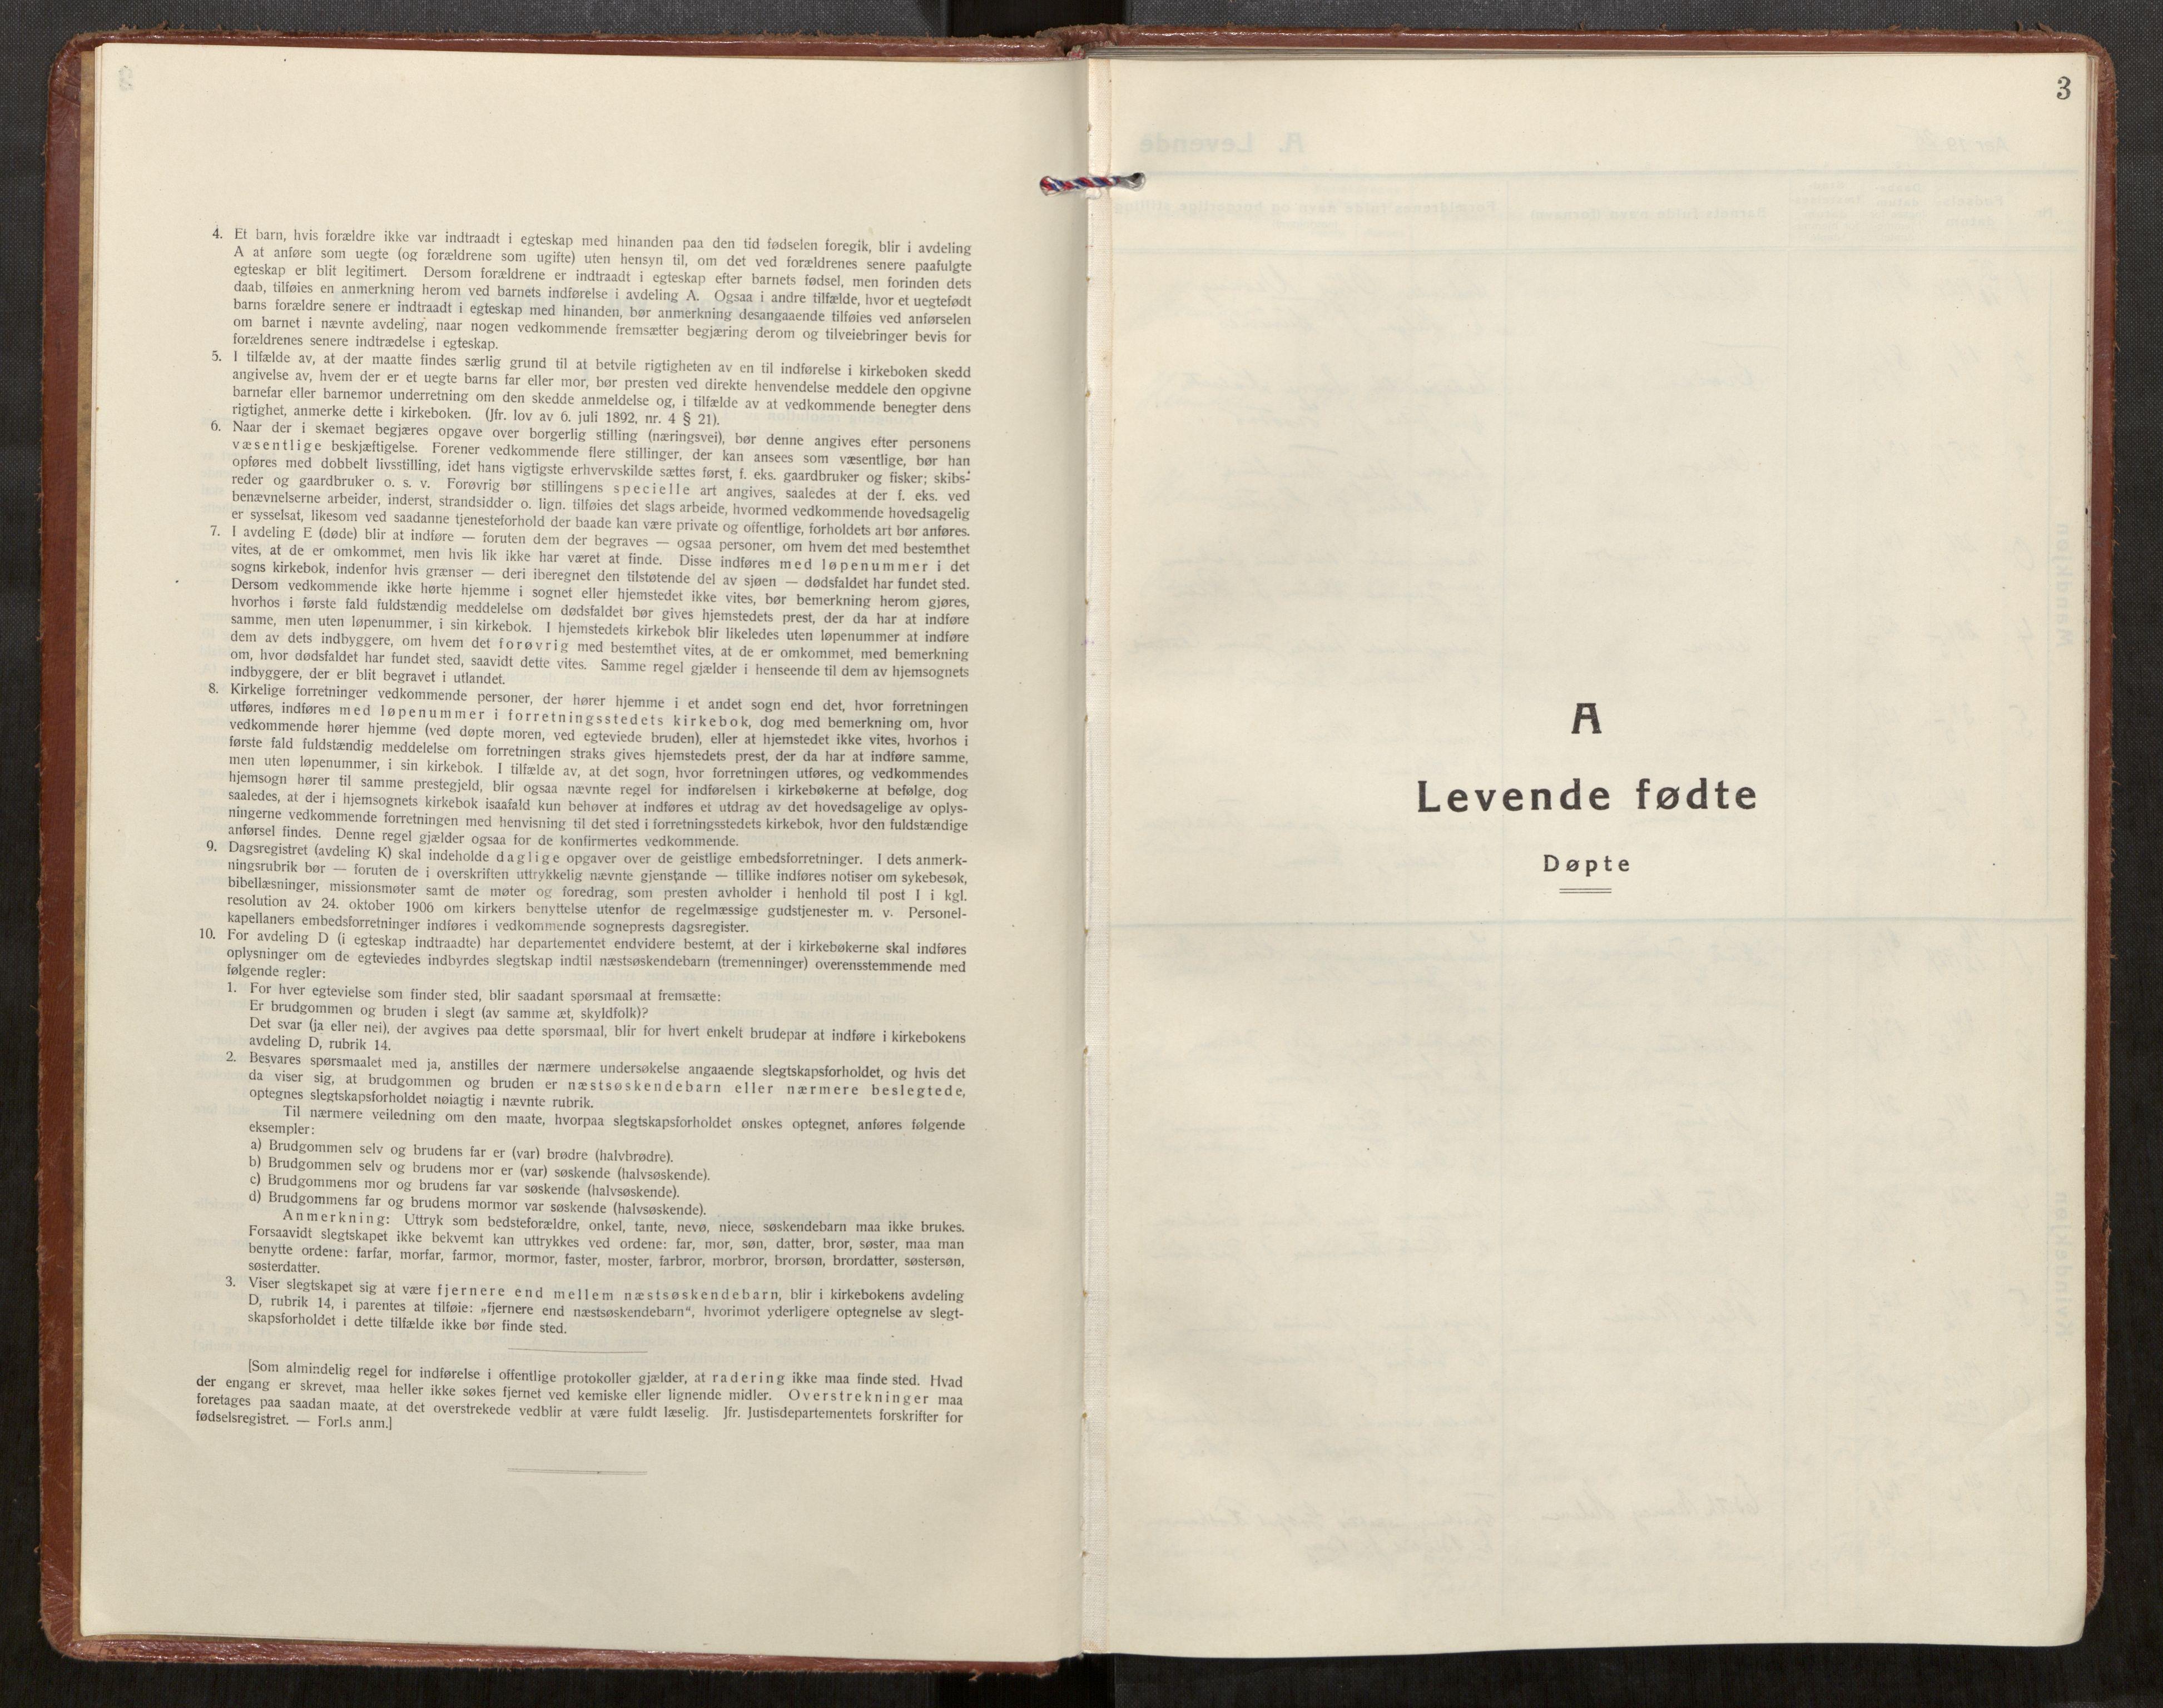 SAT, Klæbu sokneprestkontor, Parish register (official) no. 4, 1925-1943, p. 3